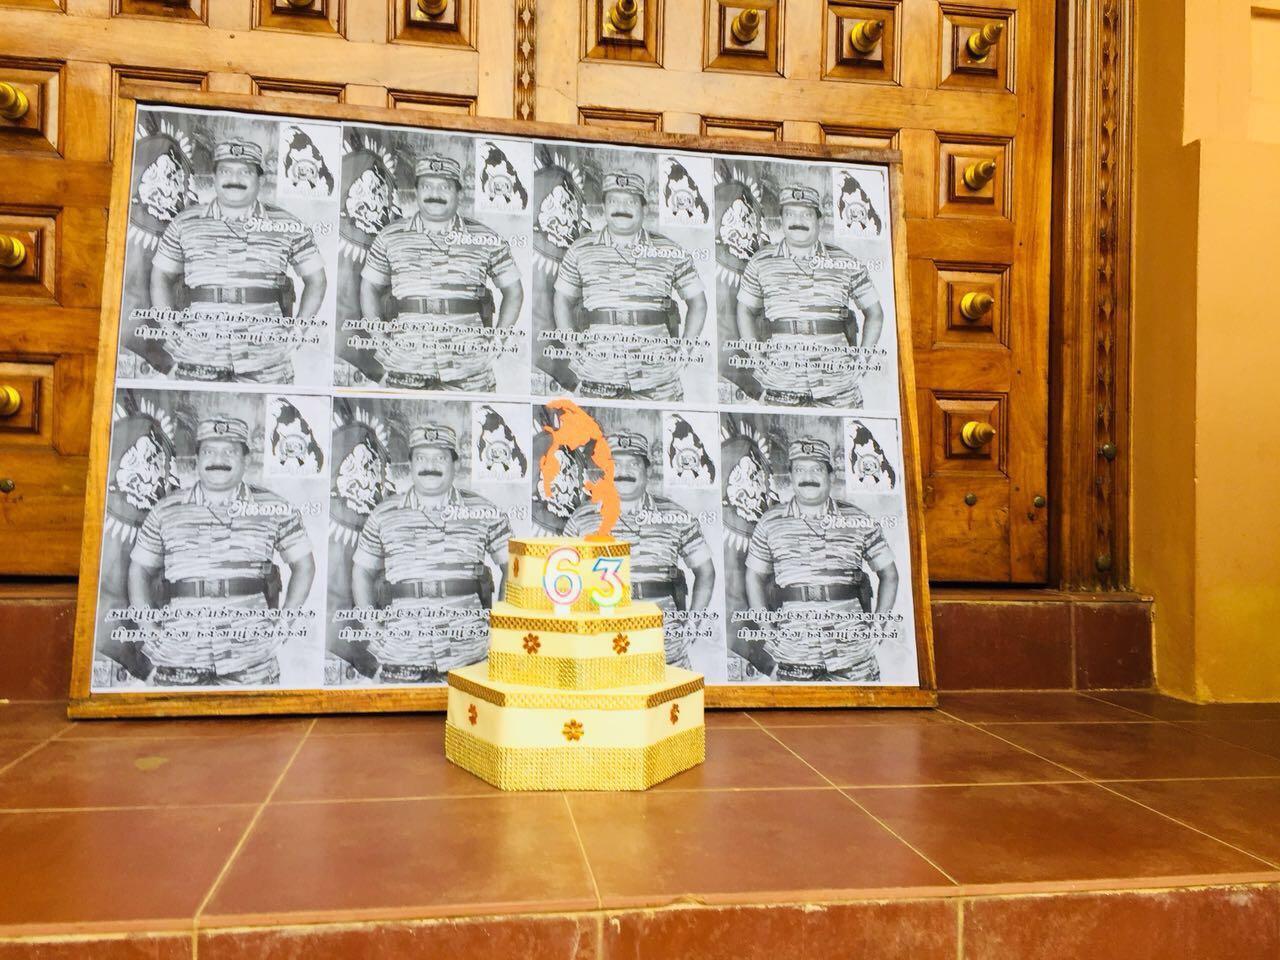 யாழ்ப்பாணத்தில் கொண்டாடப்பட்ட பிரபாகரன் பிறந்தநாள் விழா